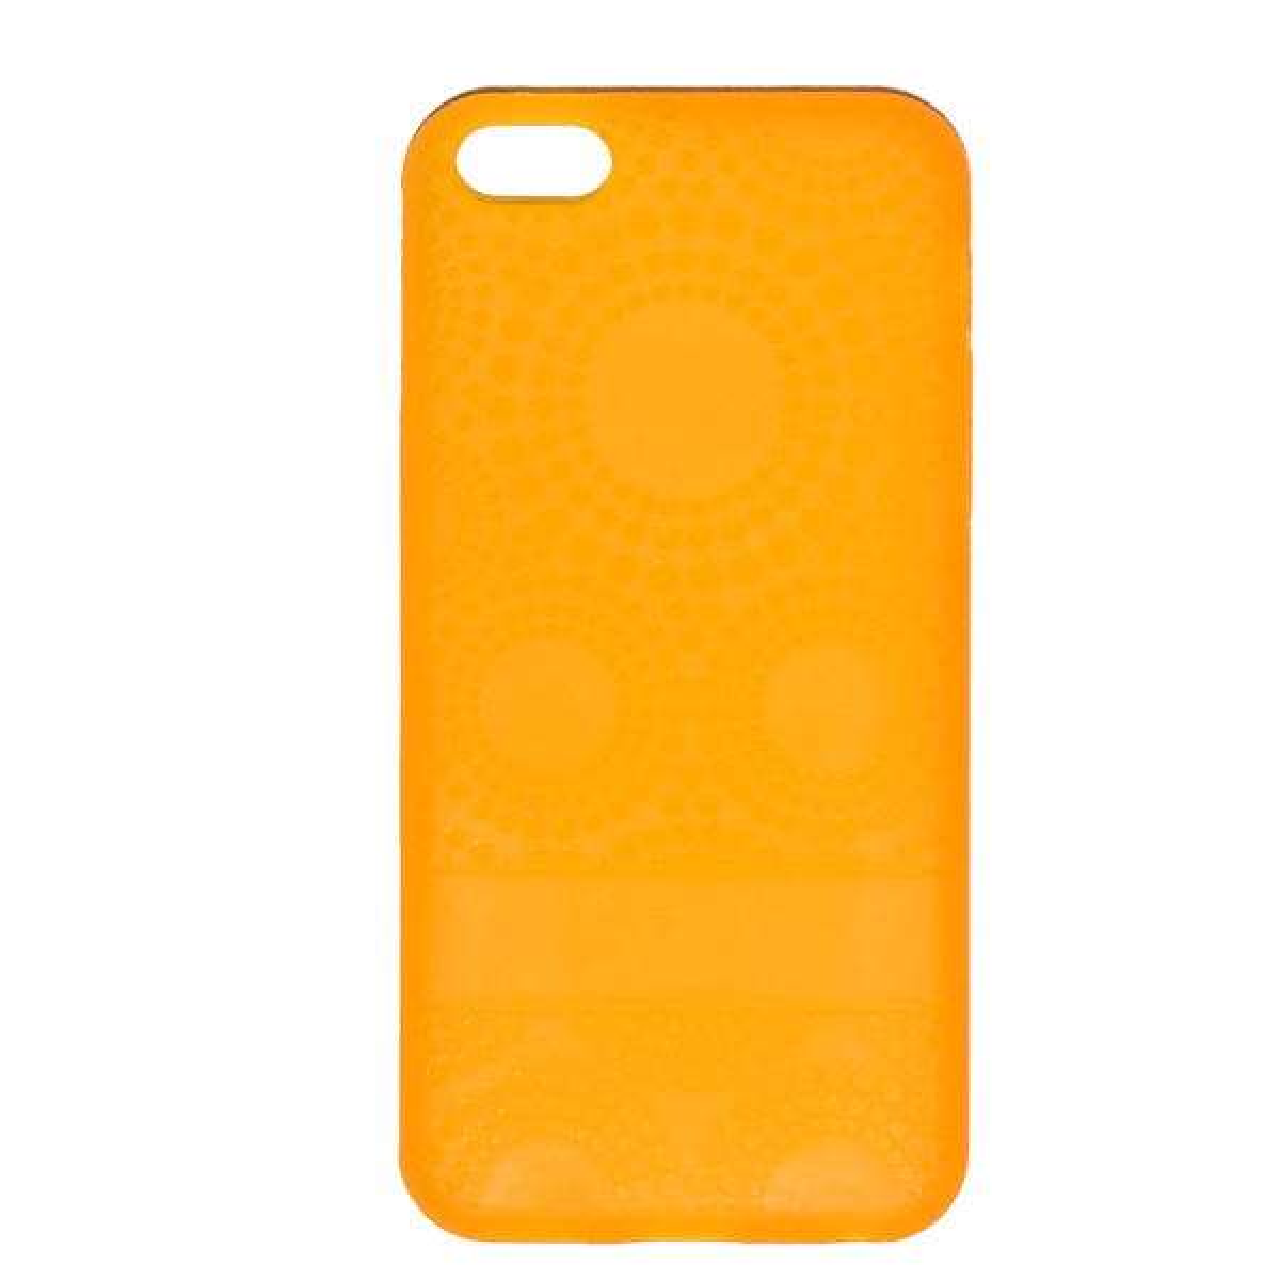 کاور ژله ای باسئوس مدل colorful مناسب برای گوشی موبایل آیفون 5/5s/se